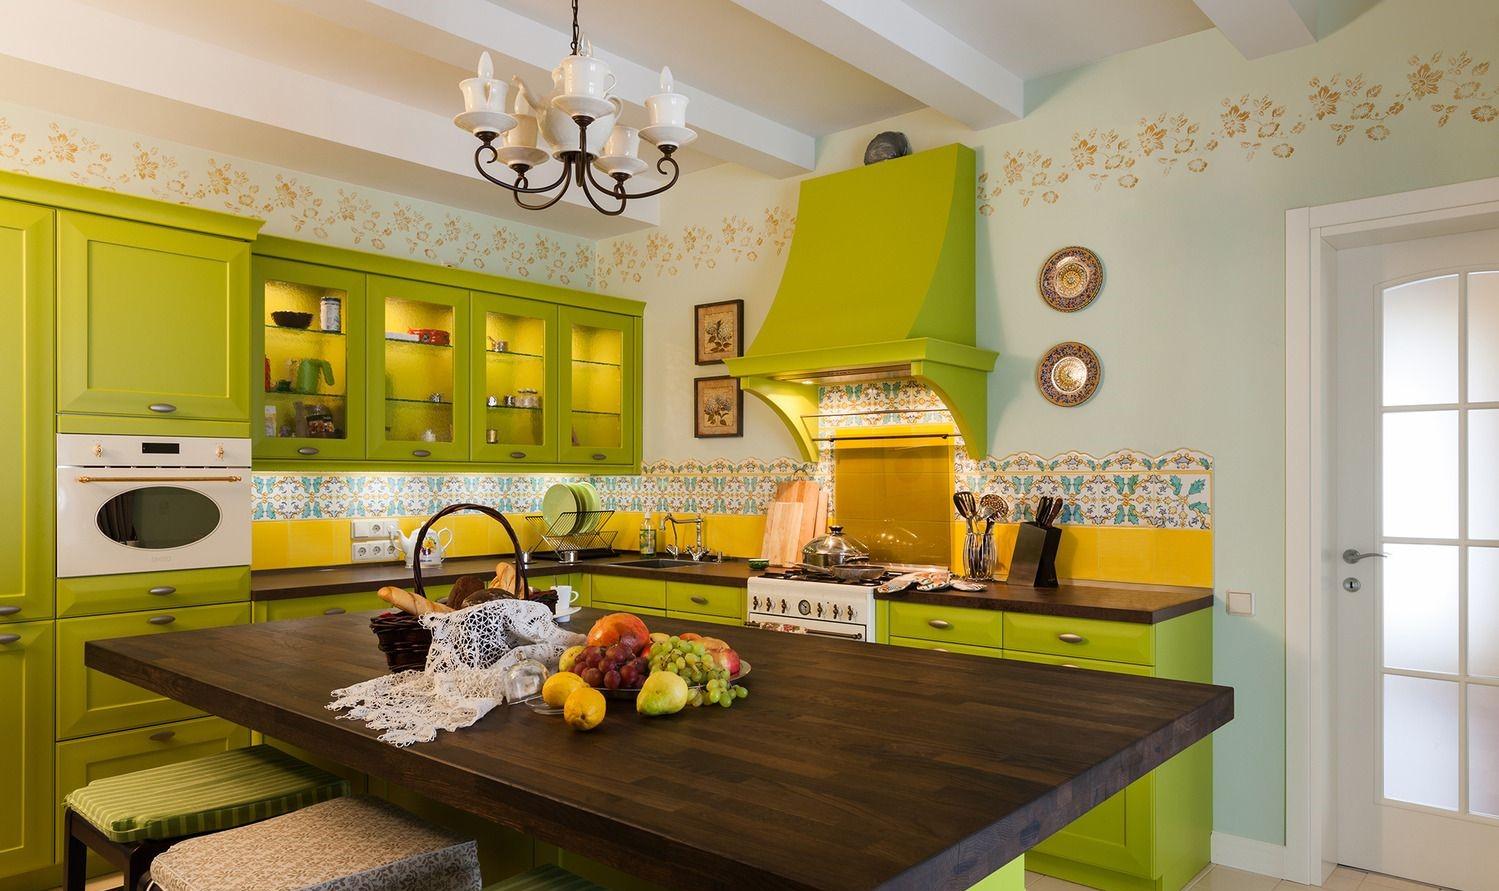 поняла, фото кухни комнаты дизайн с яркими обоями все, кто